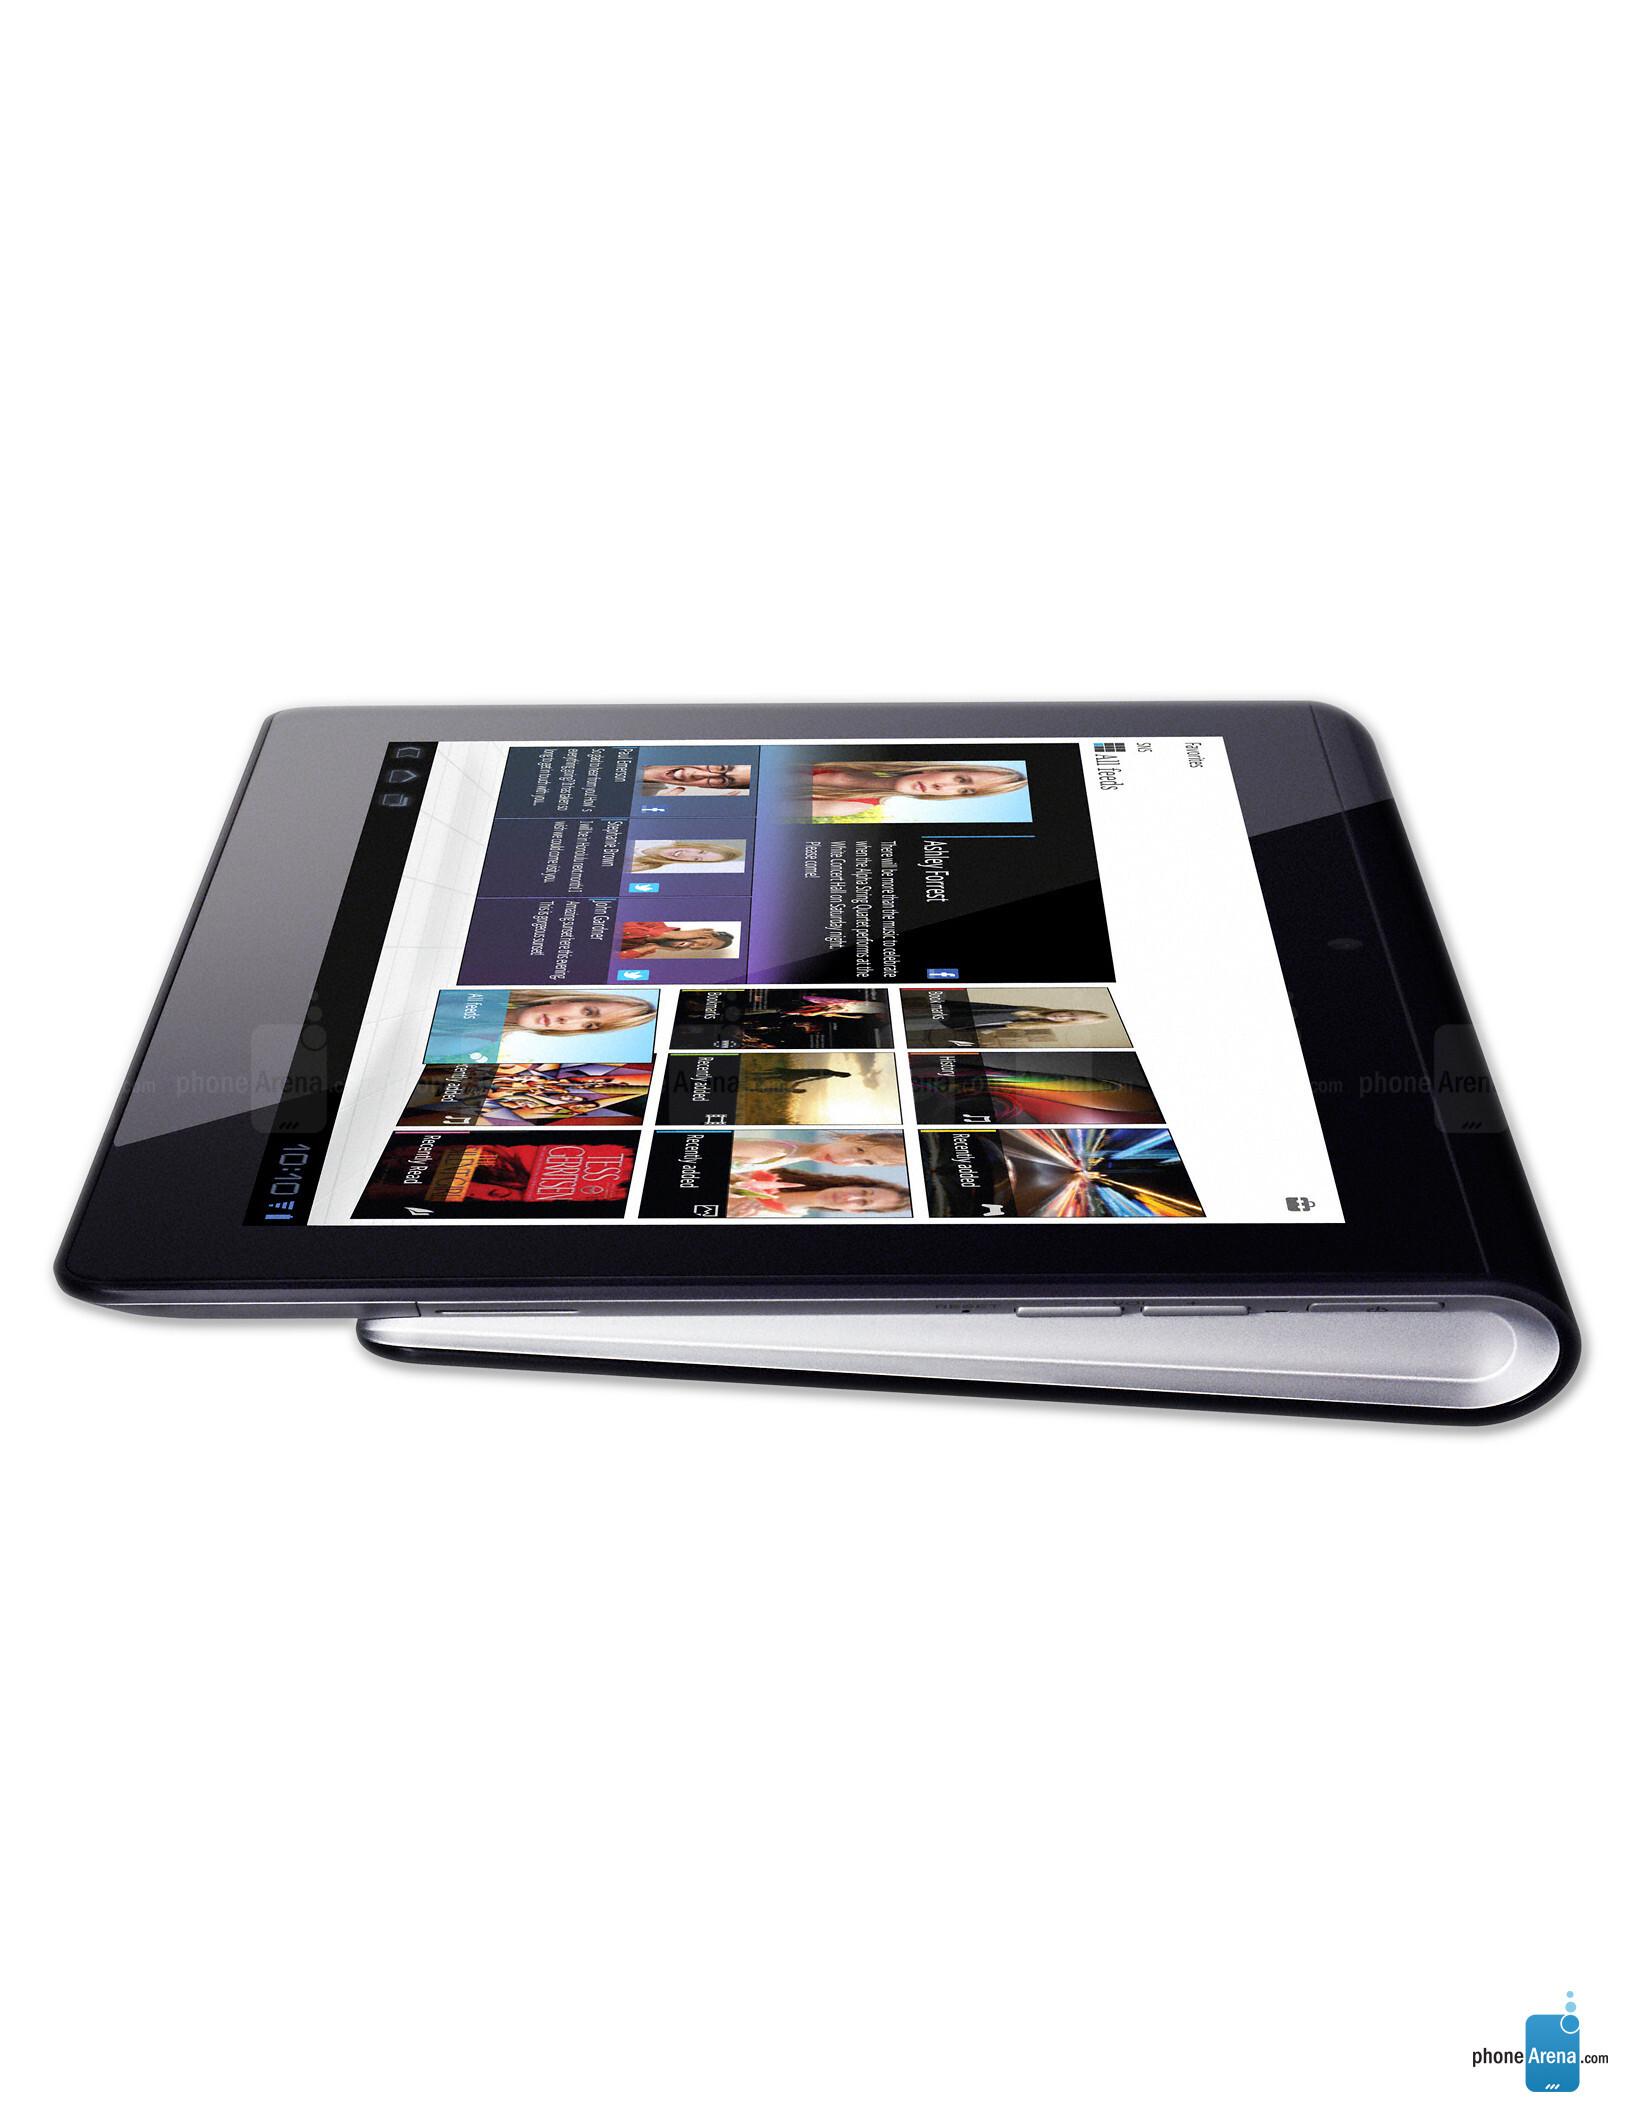 sony tablet s specs. Black Bedroom Furniture Sets. Home Design Ideas